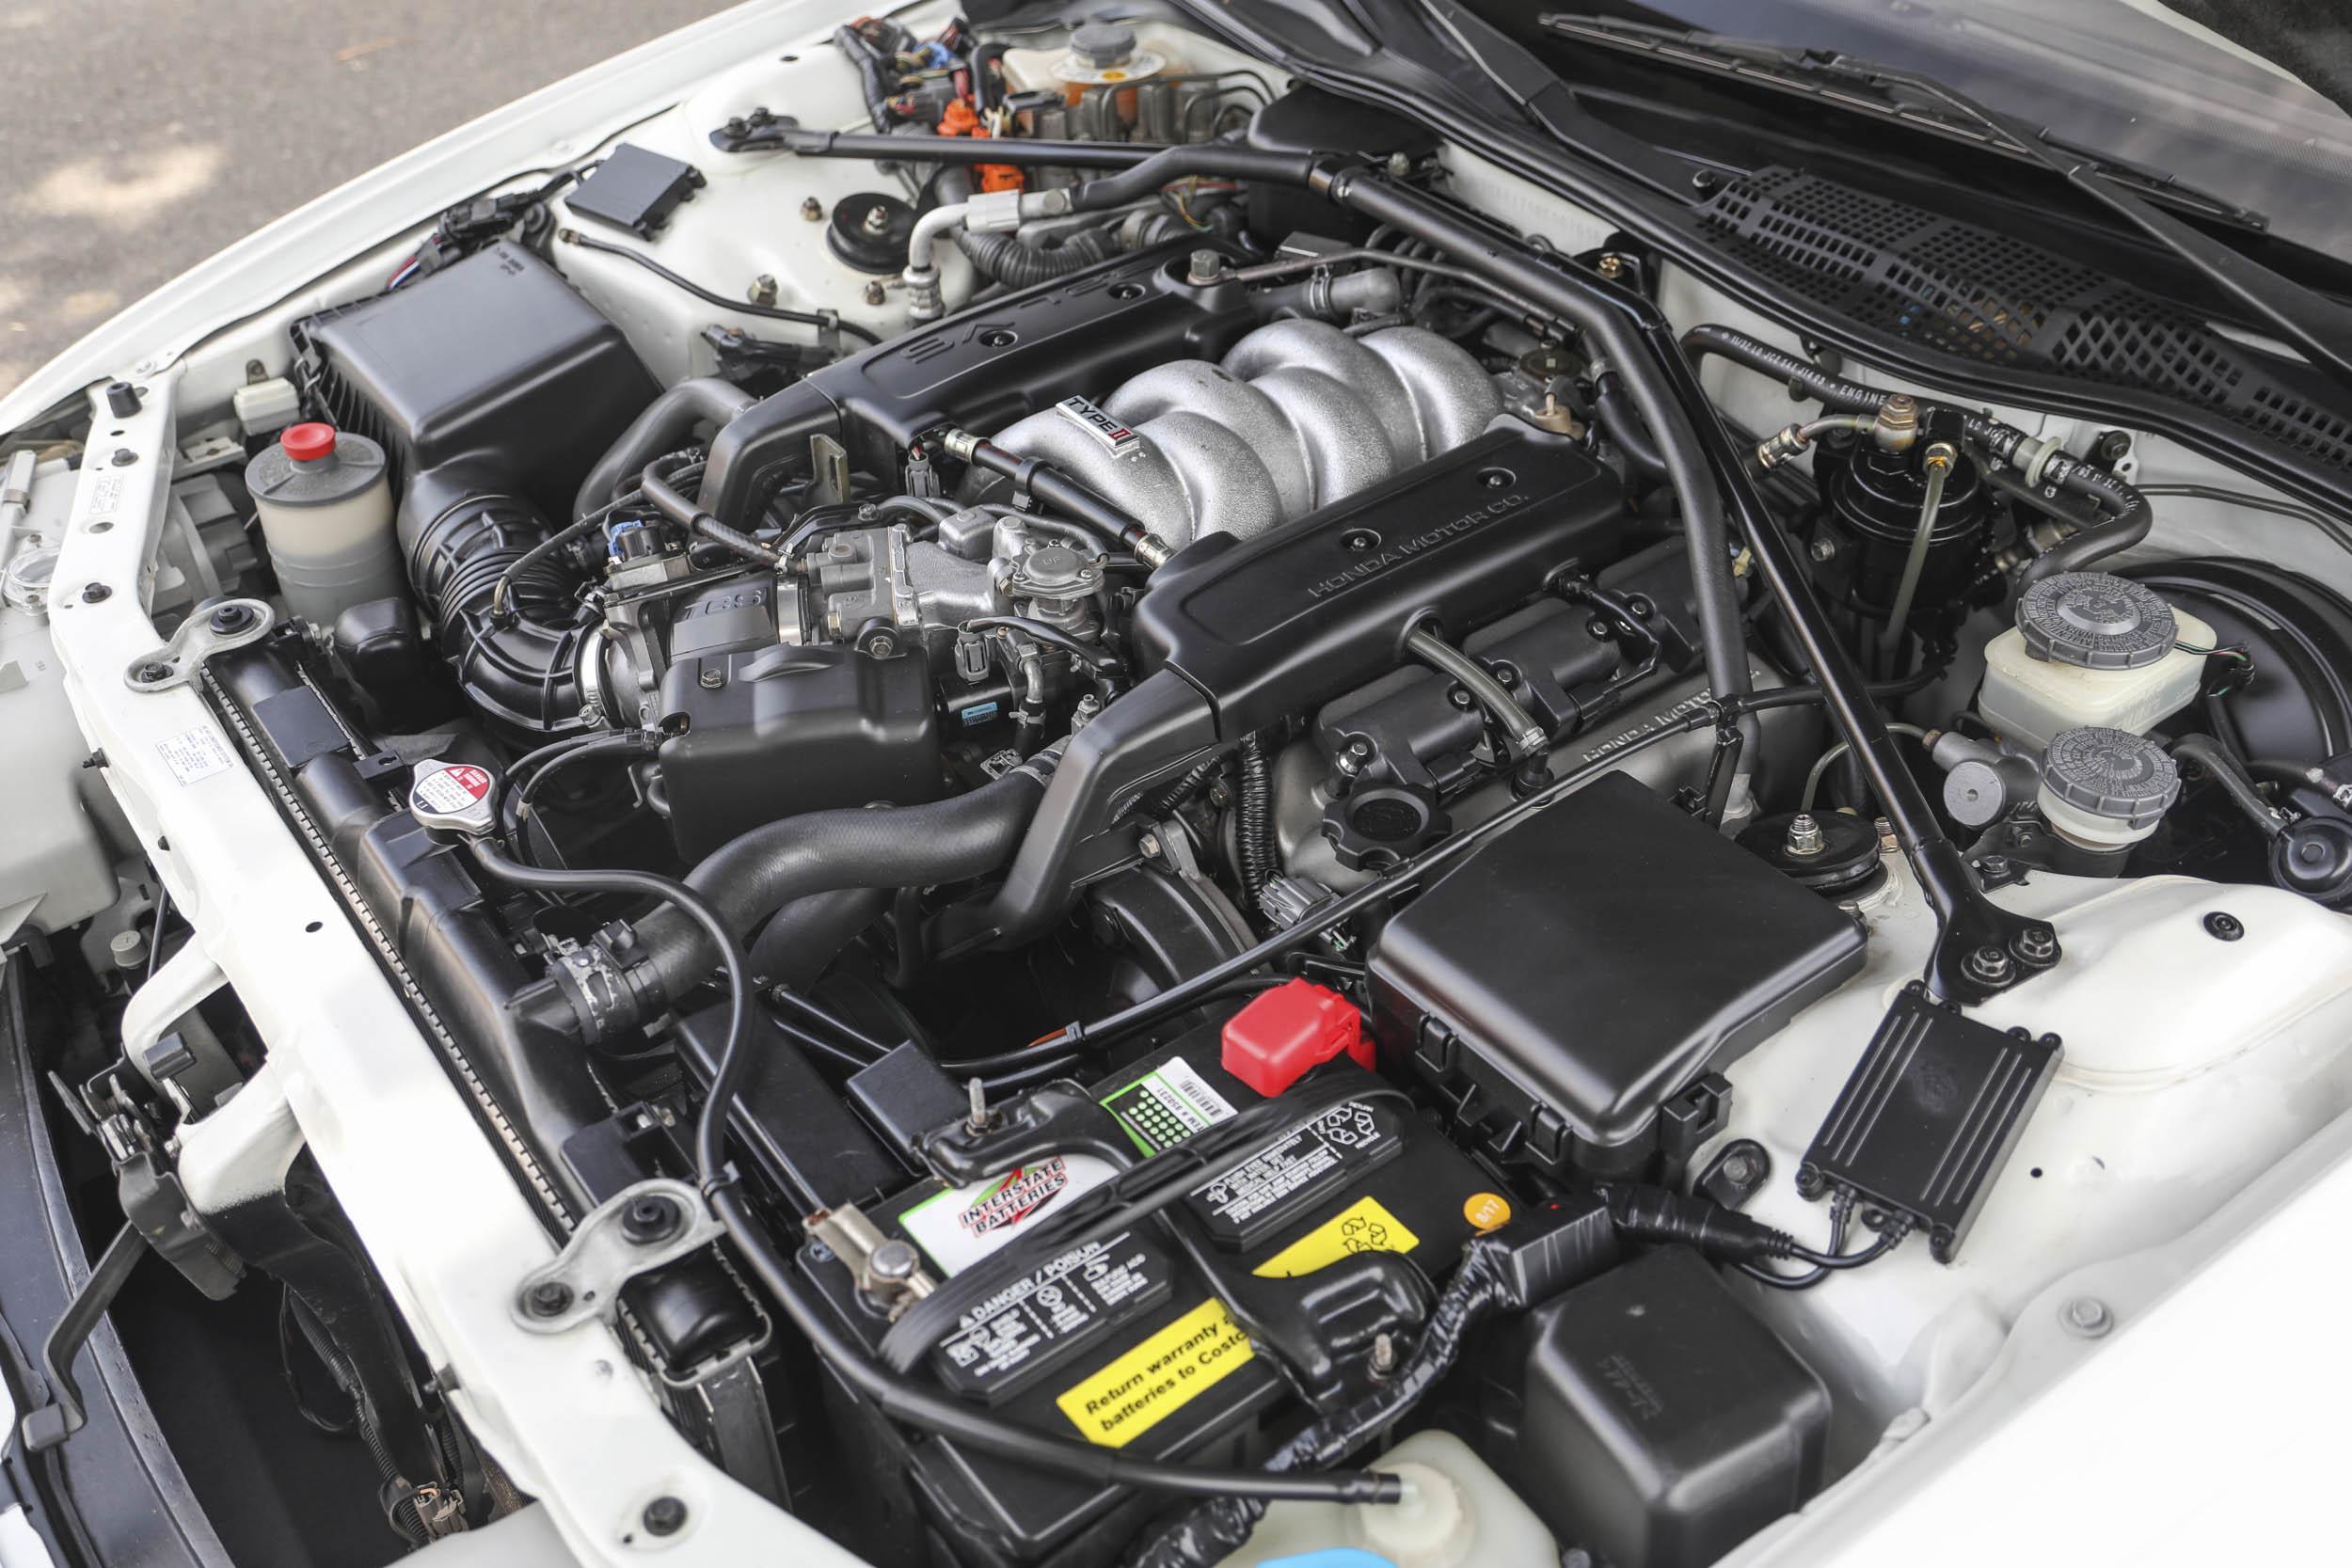 Acura Legend LS engine